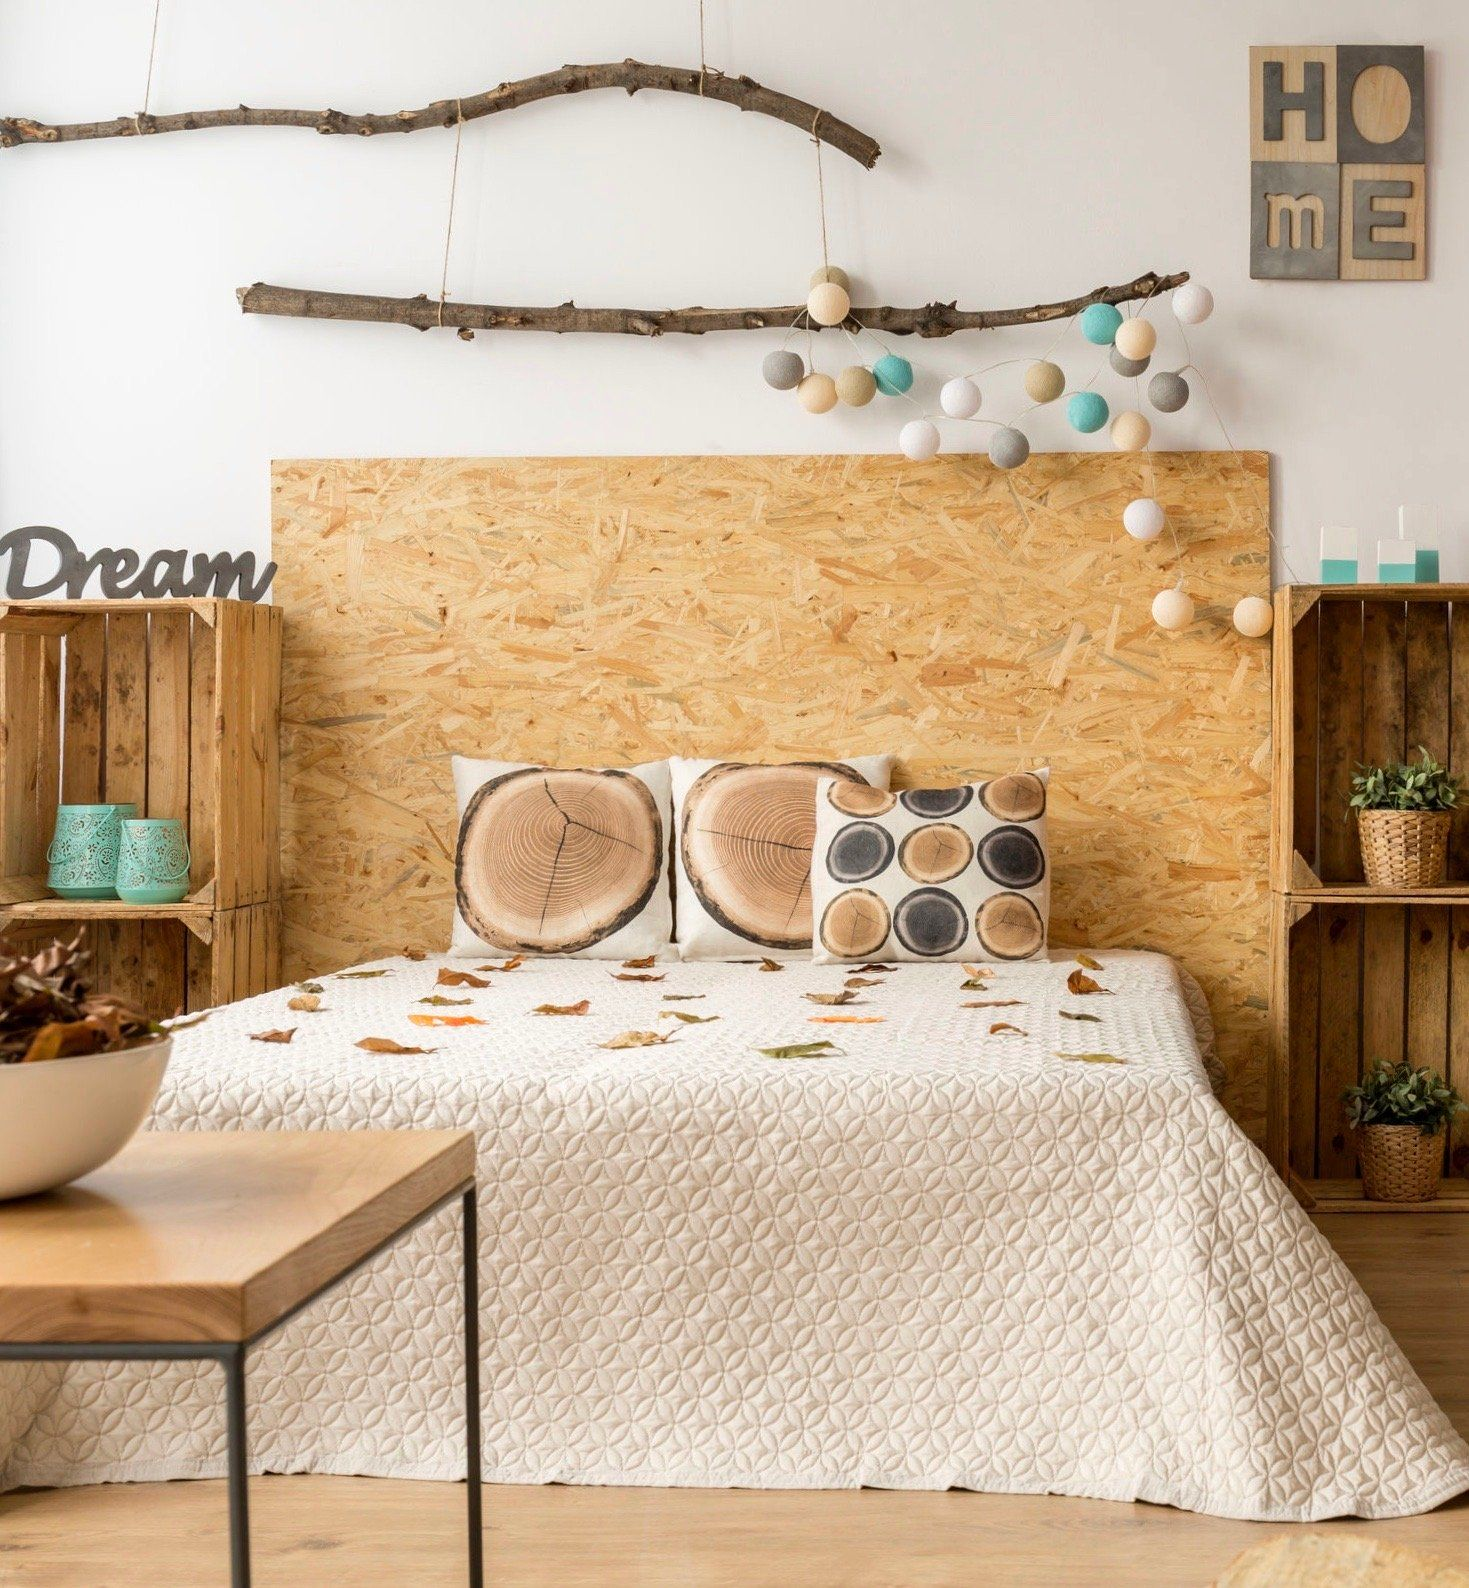 Meuble osb tout ce que vous devez savoir ou acheter diy ma chambre cosy parfaite - Trouver des meubles de salon pour vous ...